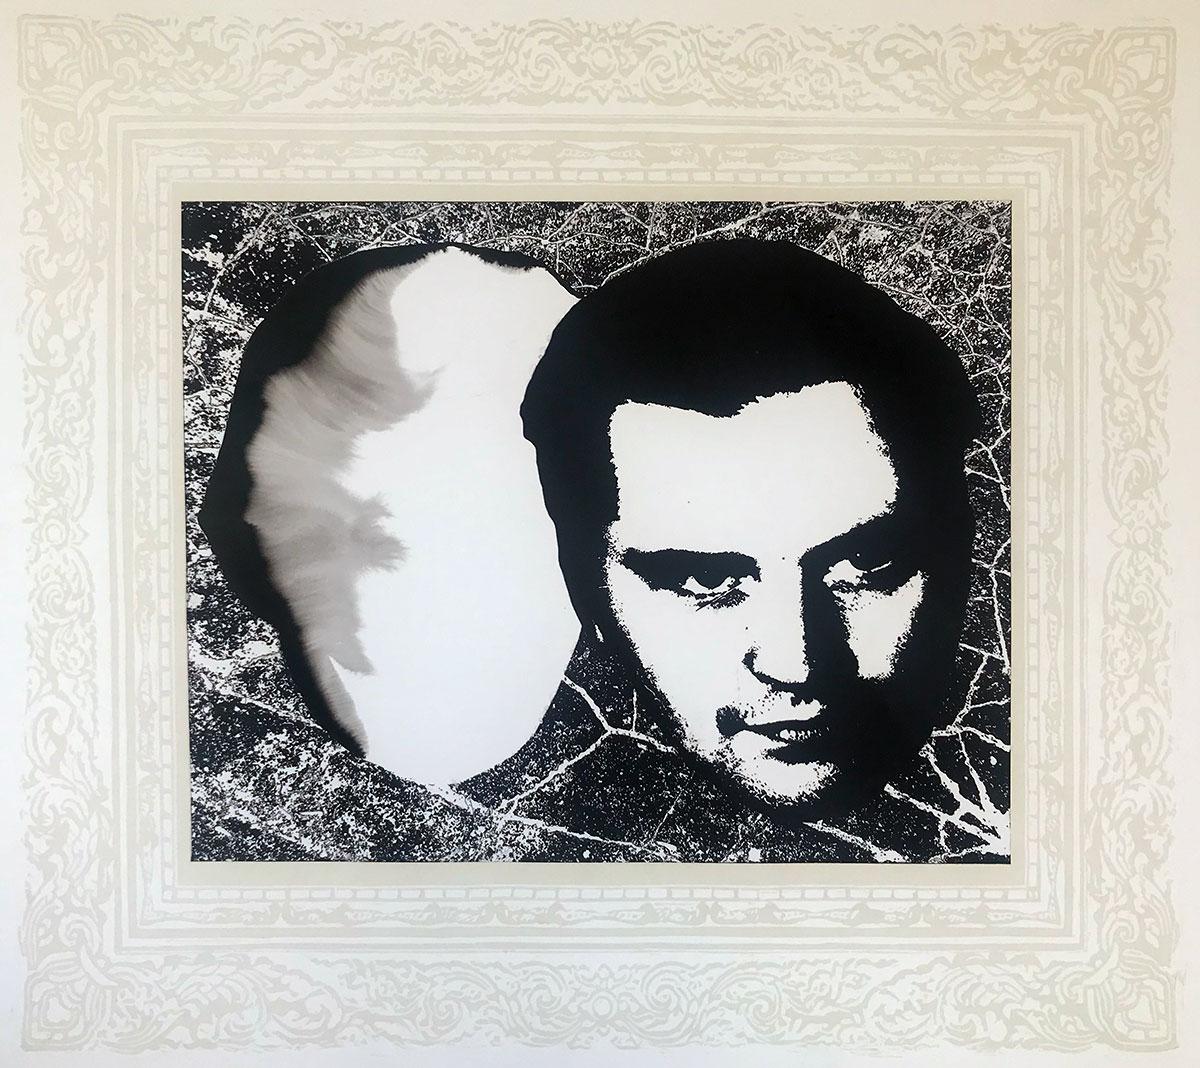 Portrait in frames -4